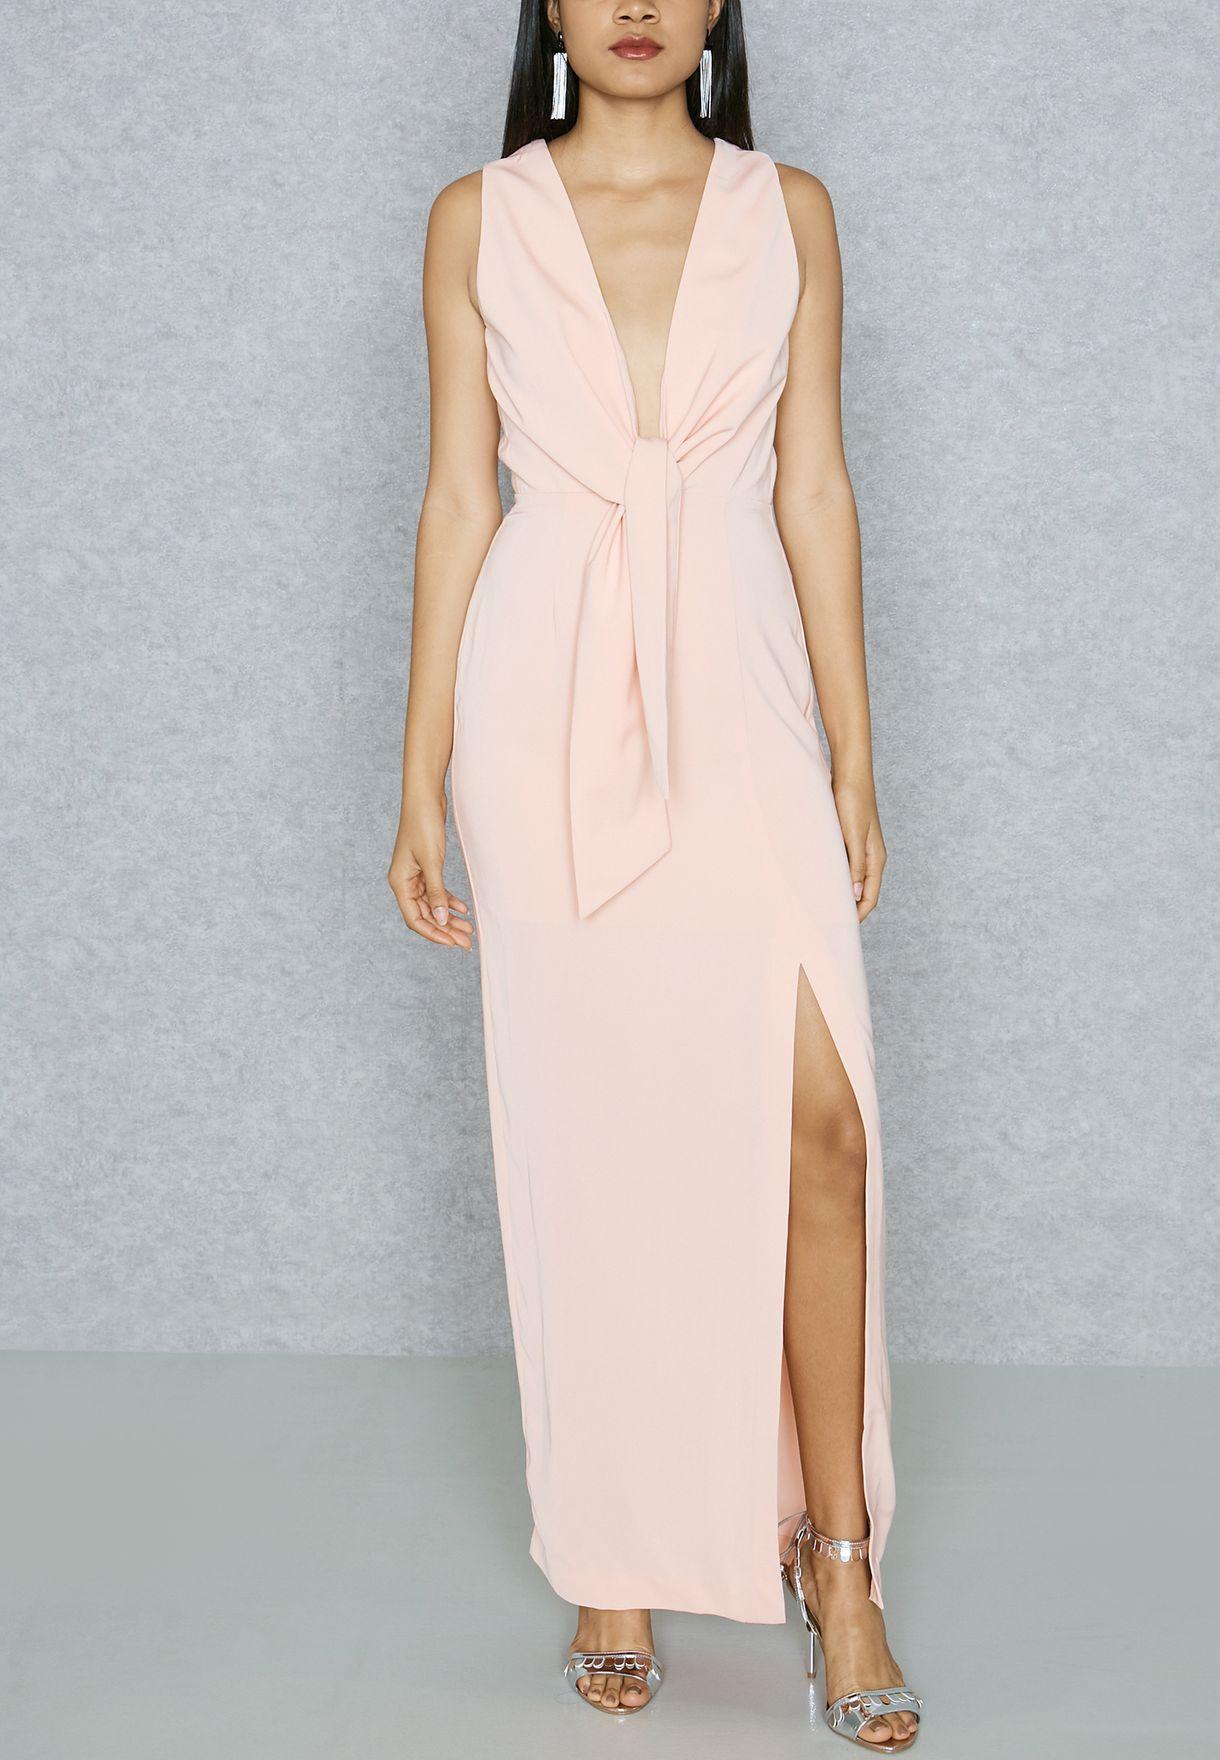 6337e9921f73a تسوق فستان بأربطة ماركة كيب سايك لون وردي KX170530D في عمان ...